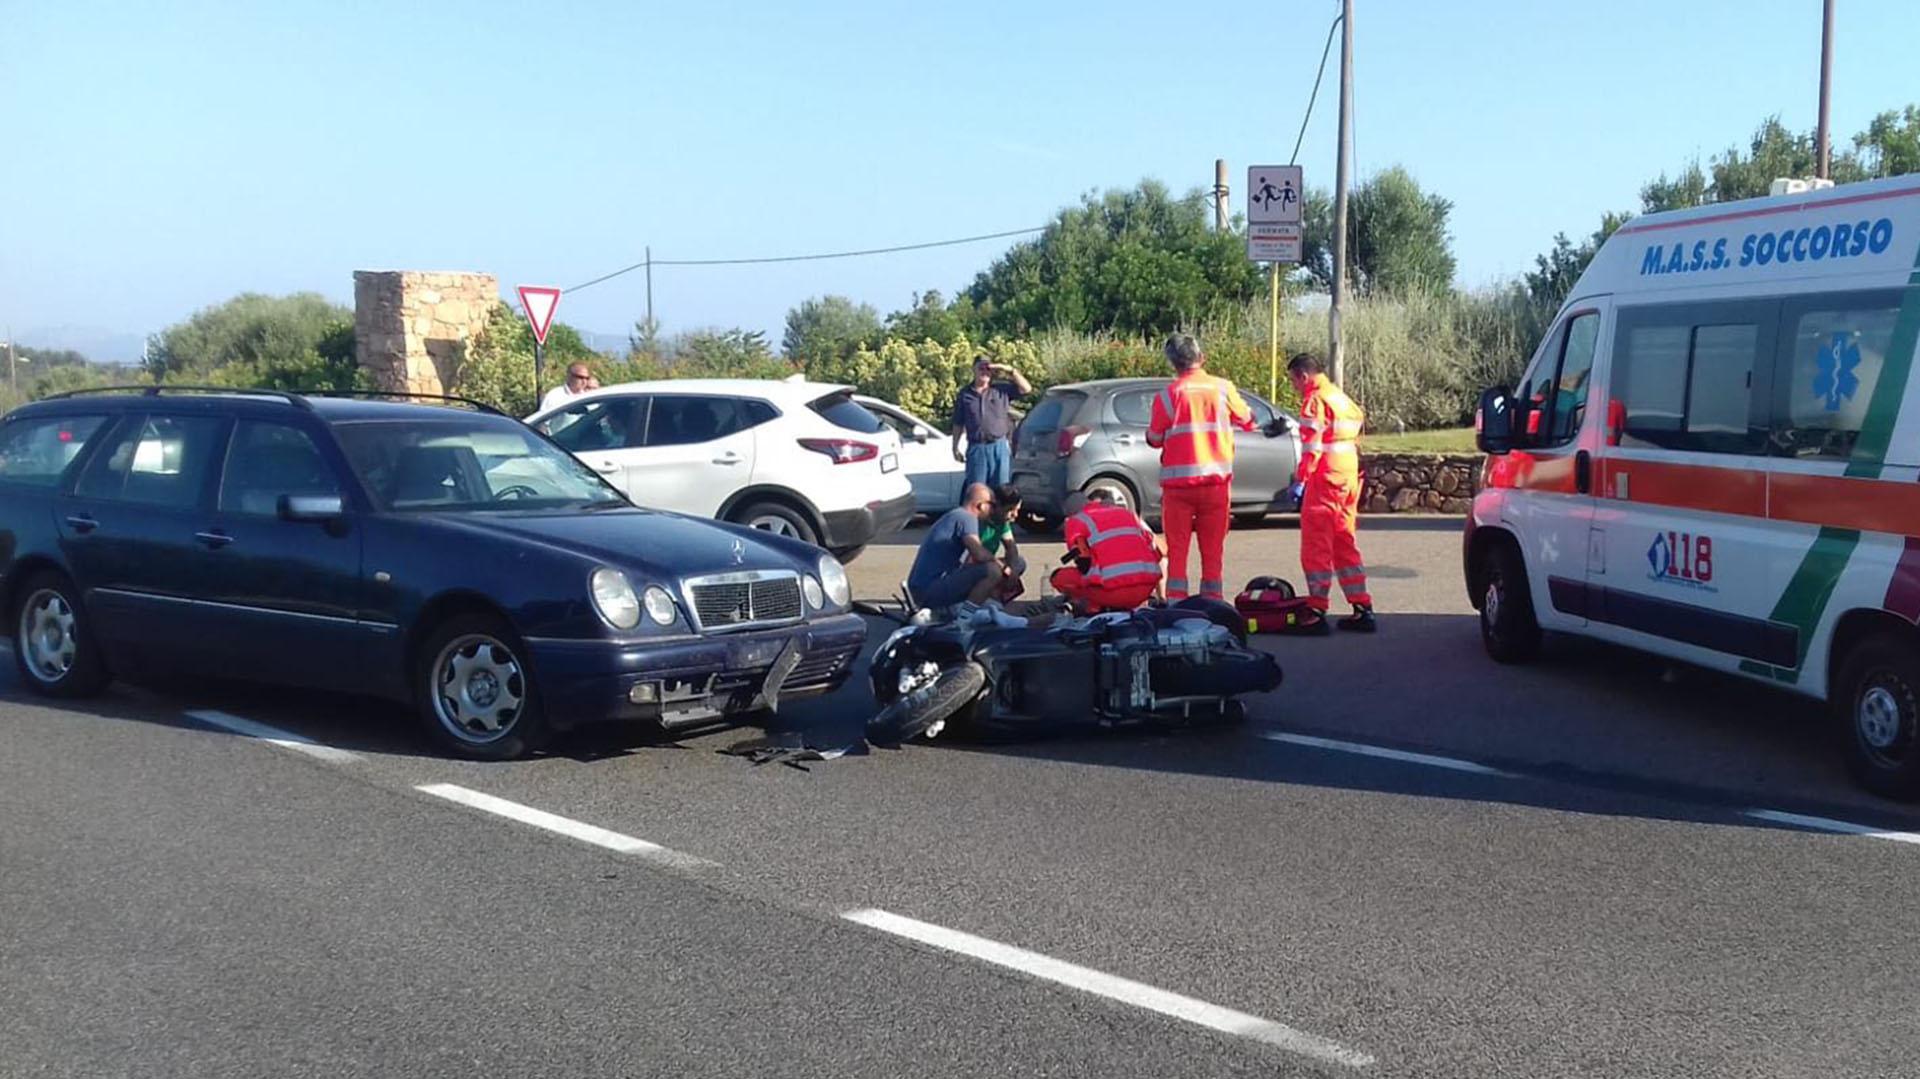 Una unidad de emergencias aguarda para trasladarlo al hospital Juan Pablo II de Cerdeña. (Grosby Group)